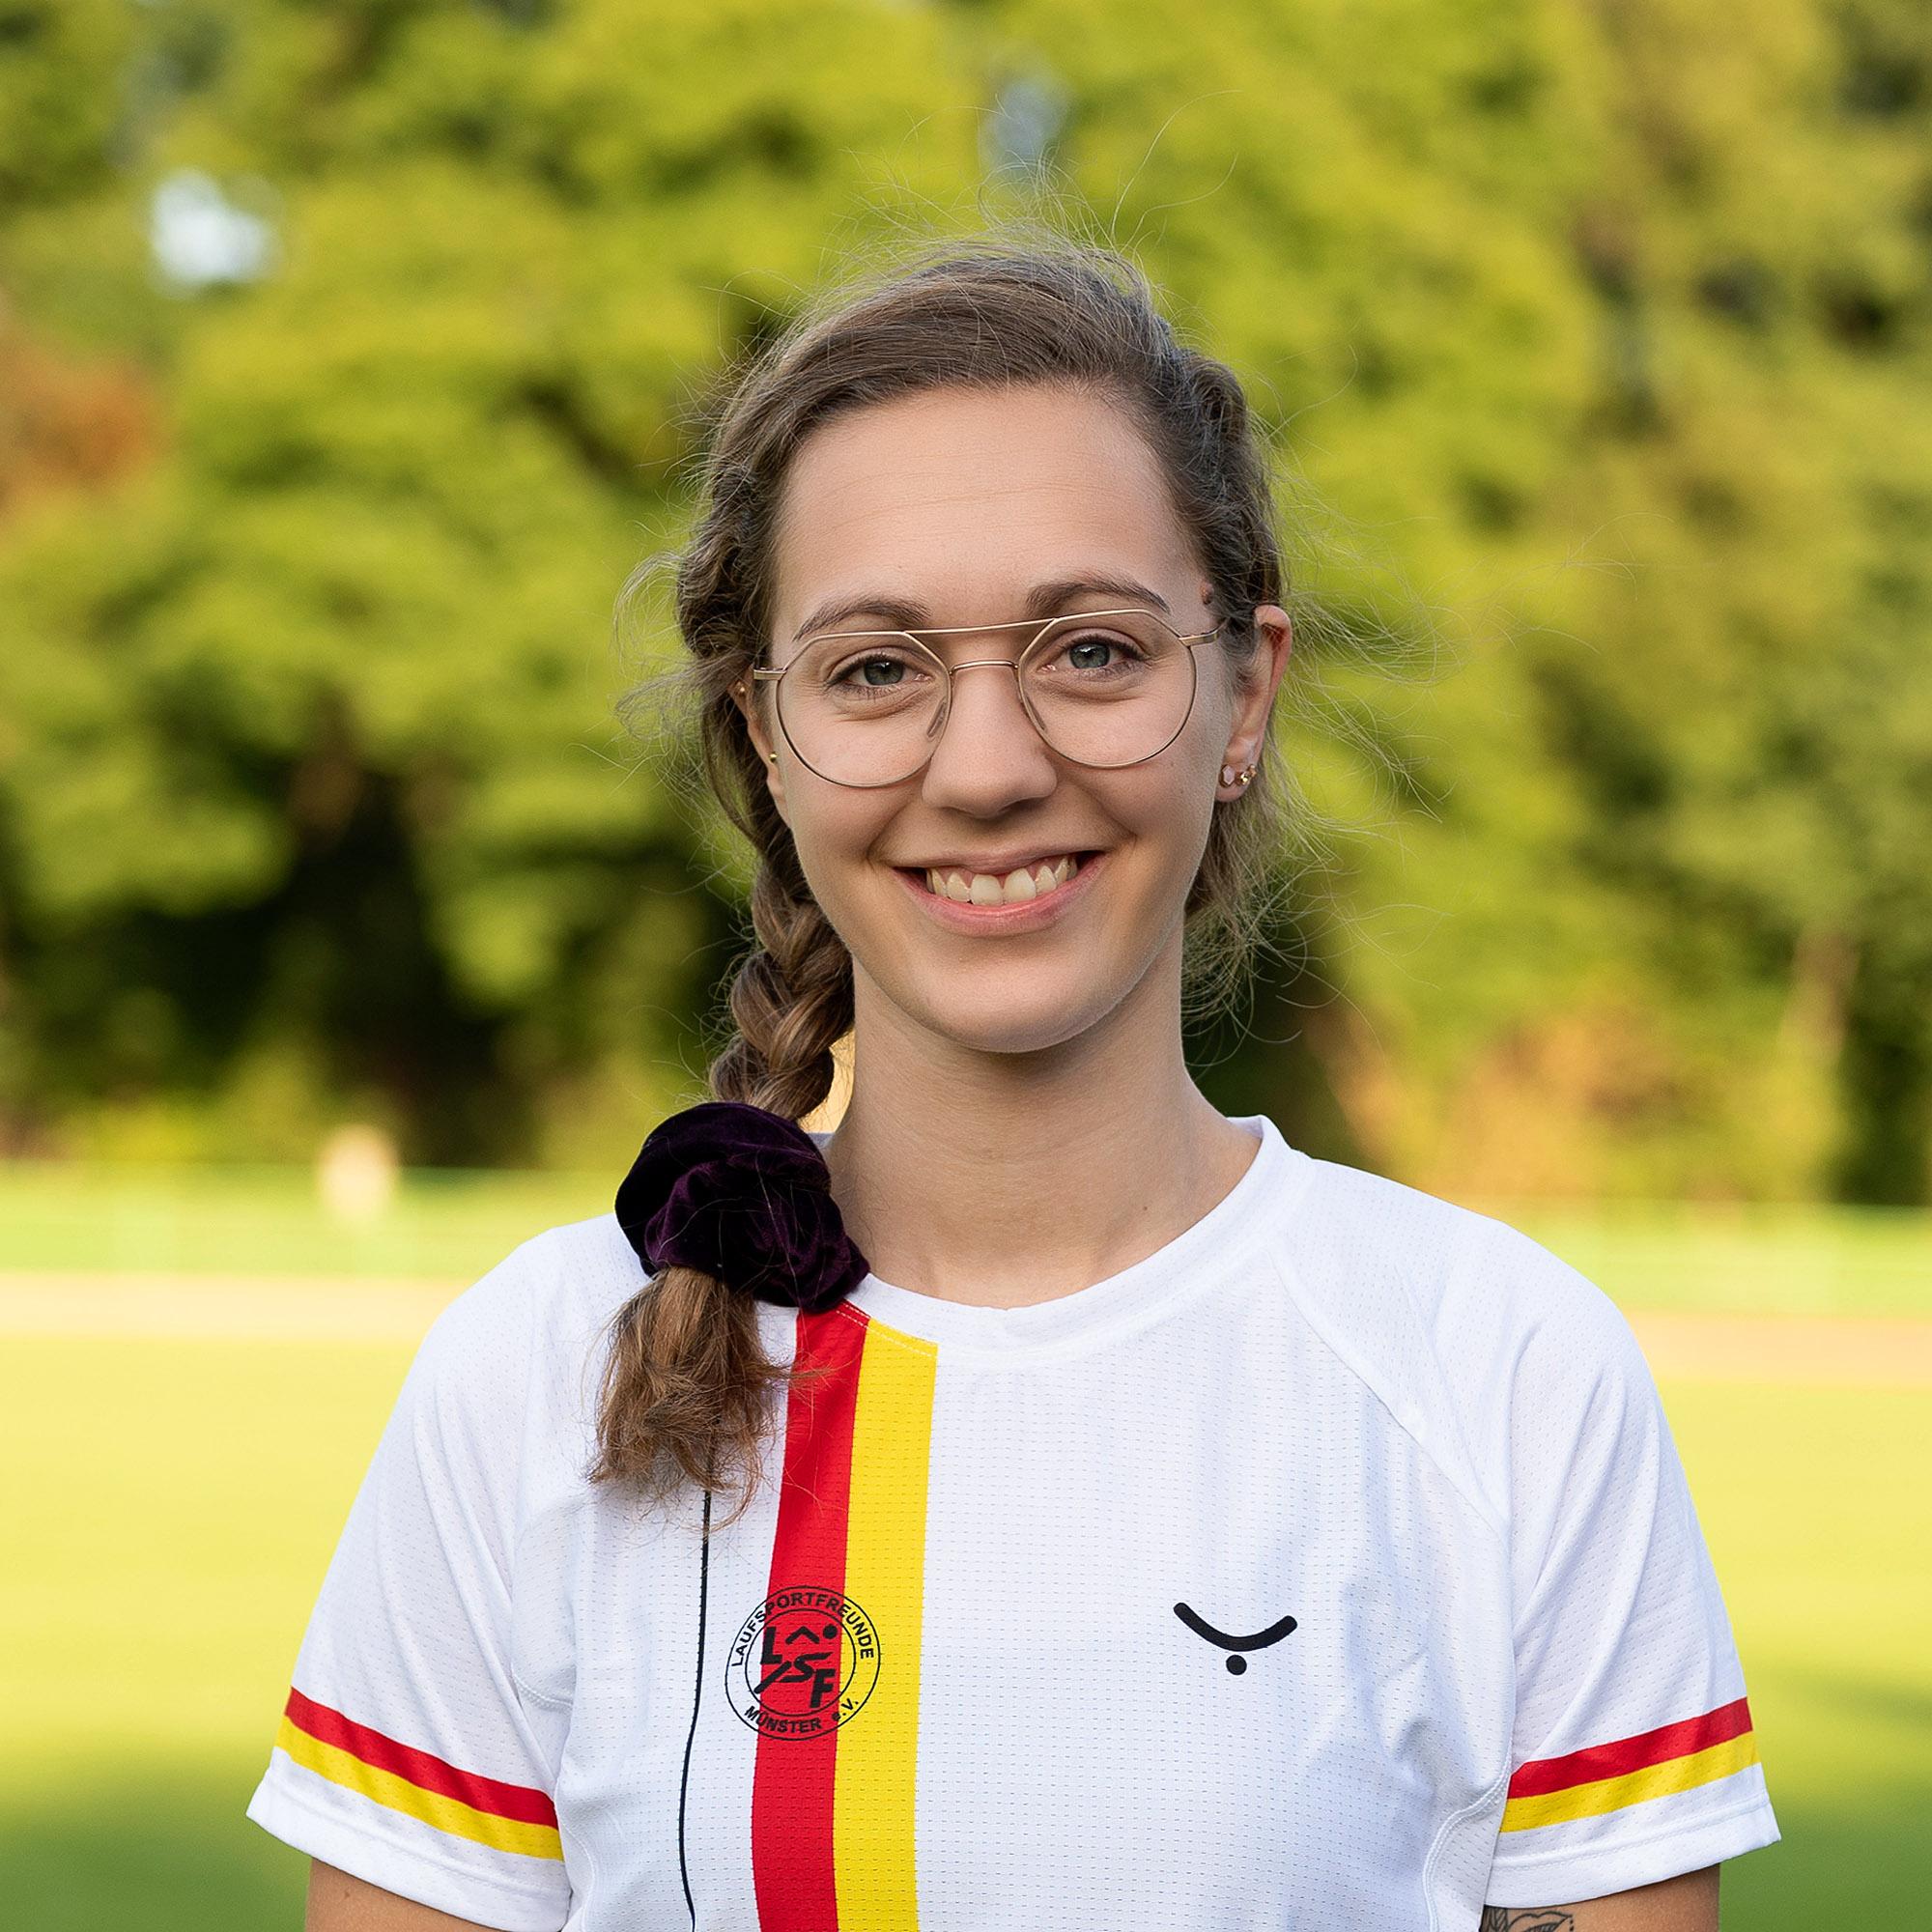 Verena Niermann